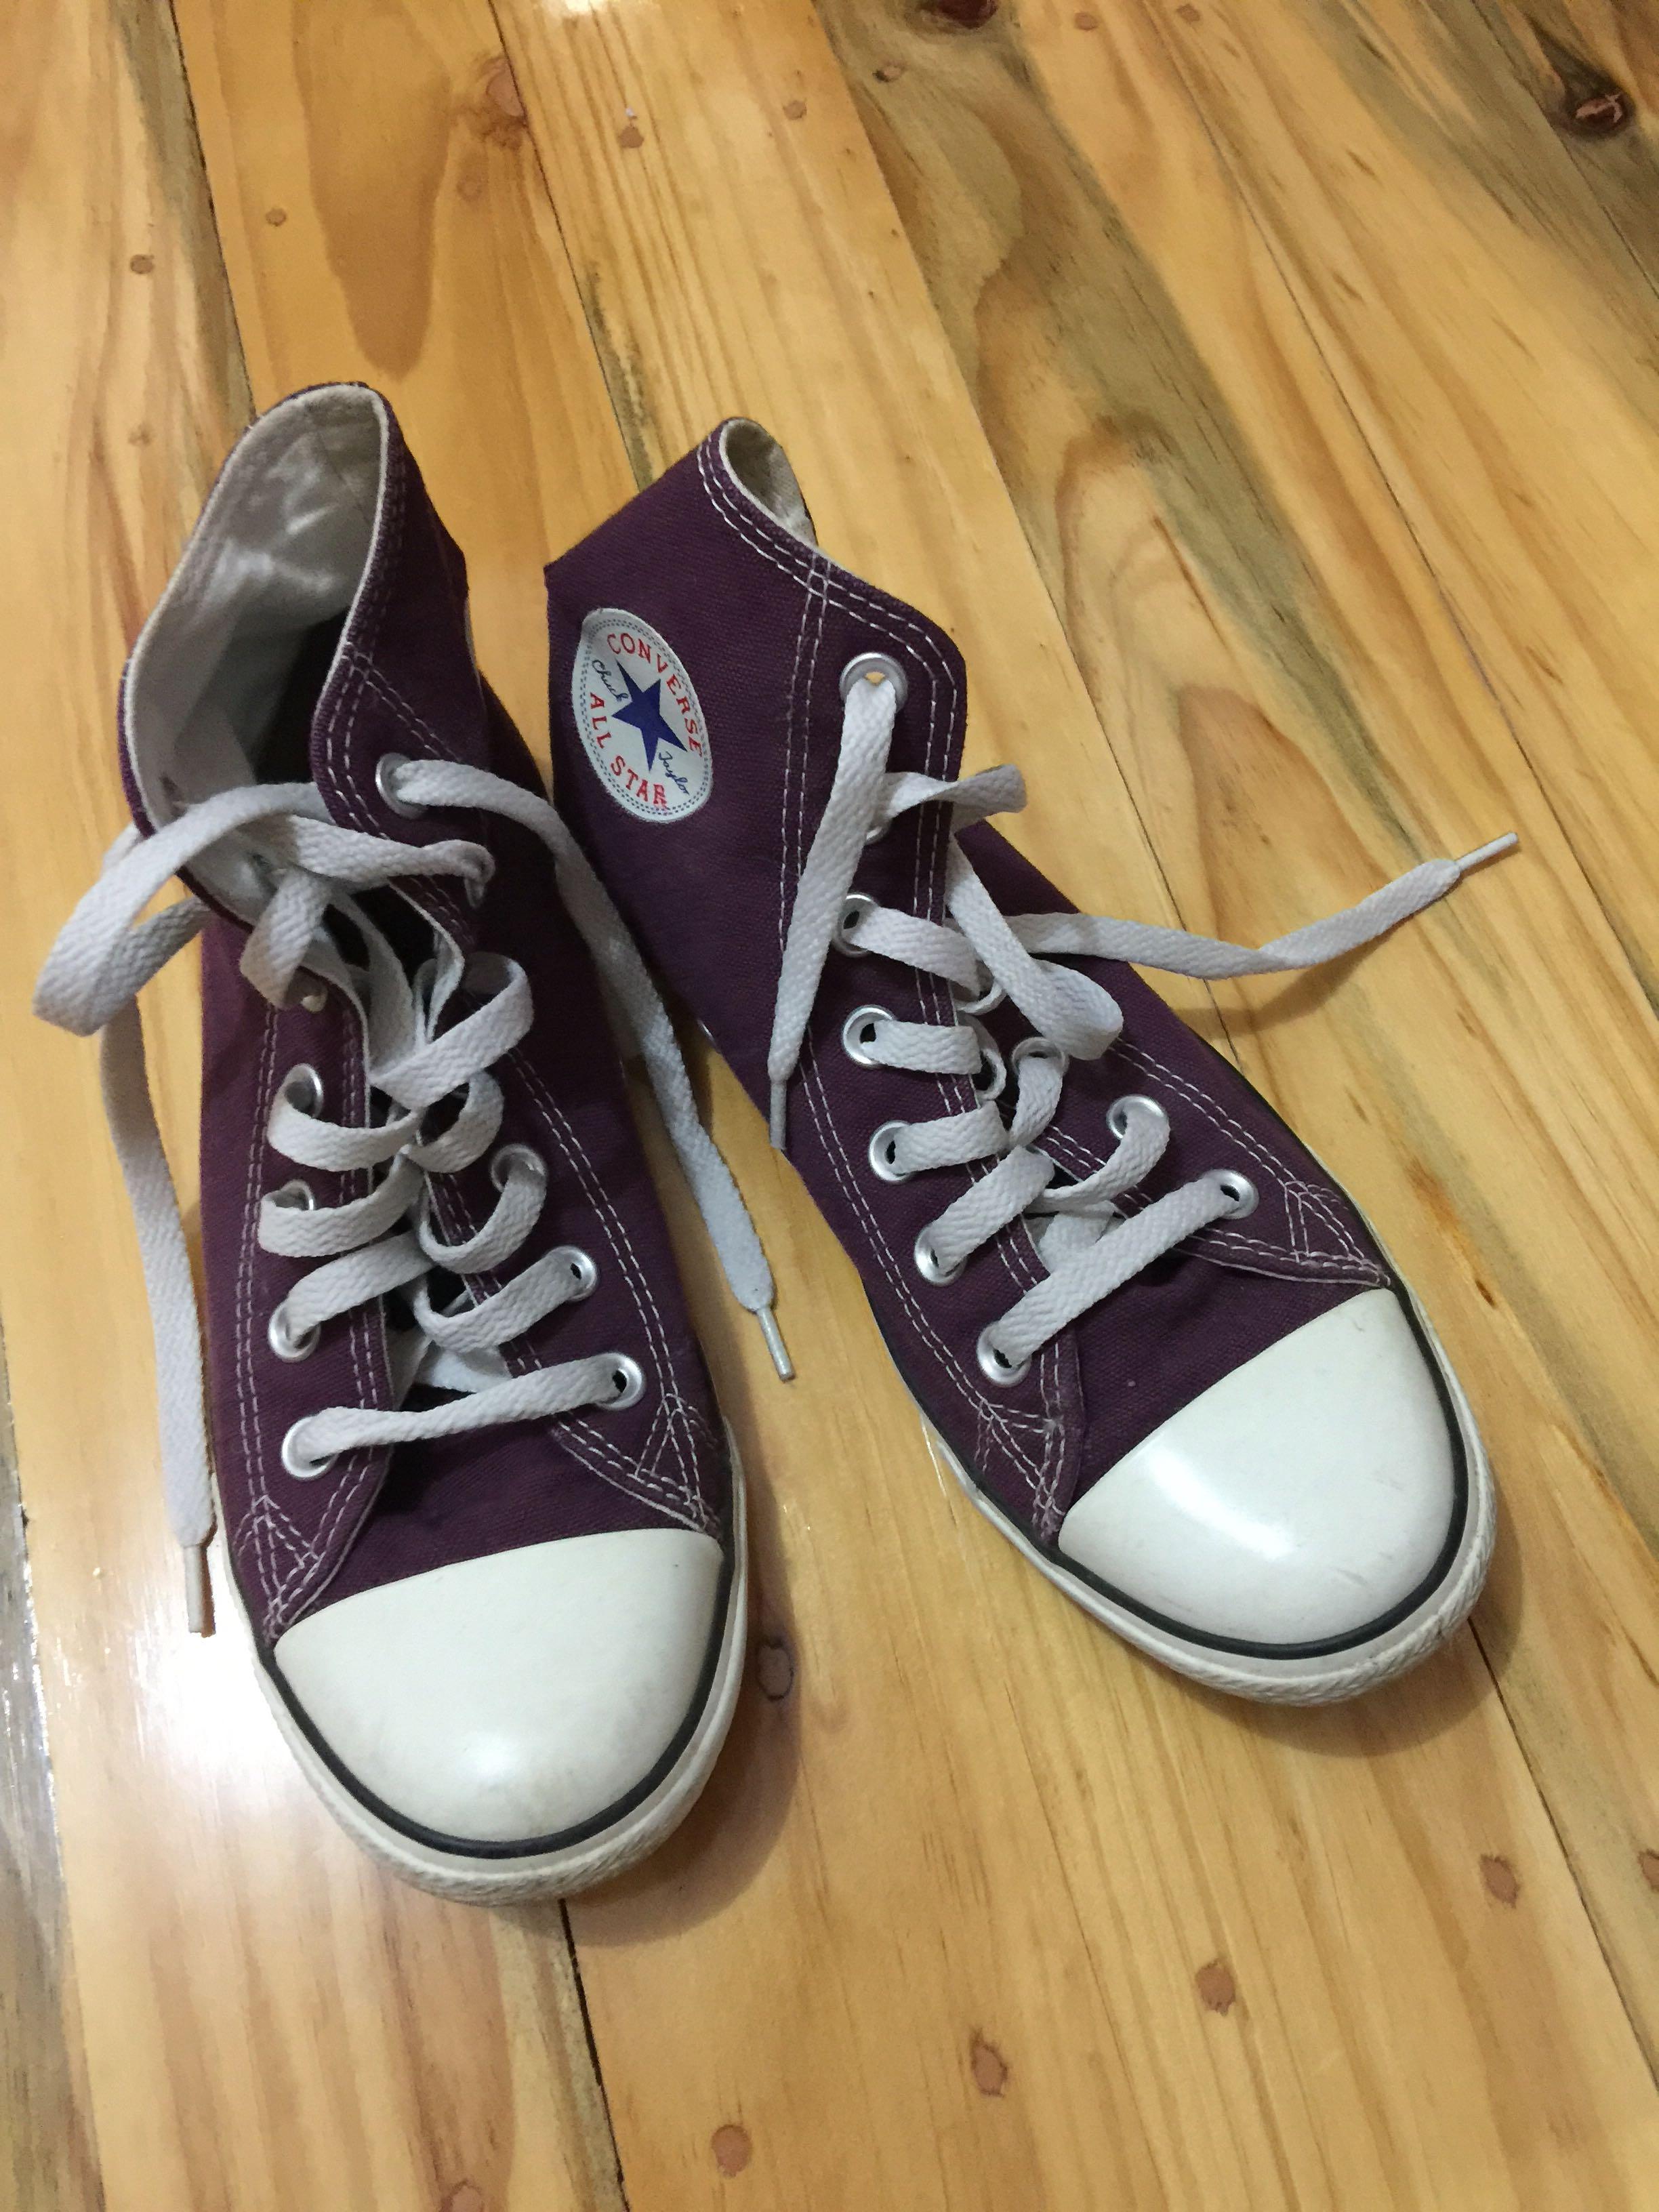 ca657277c17e Converse High Rise Dark Purple Plum Sneakers